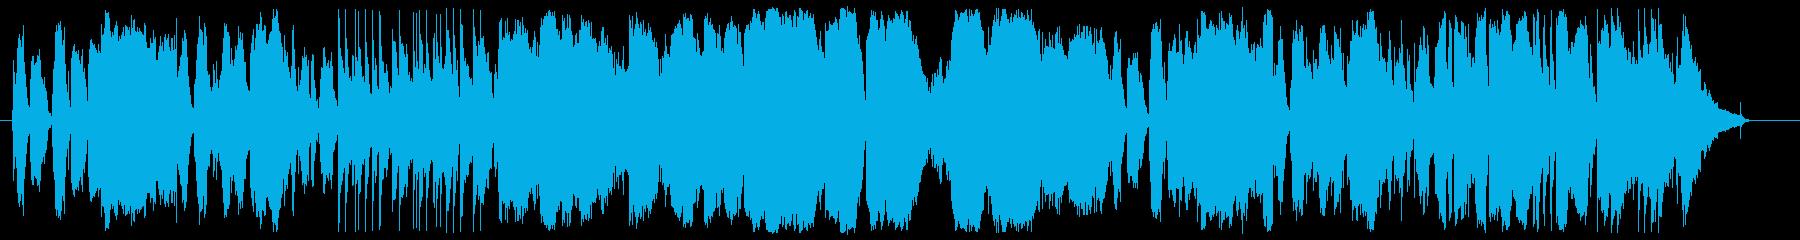 明るくちょっと切ない鍵盤ハーモニカBGMの再生済みの波形